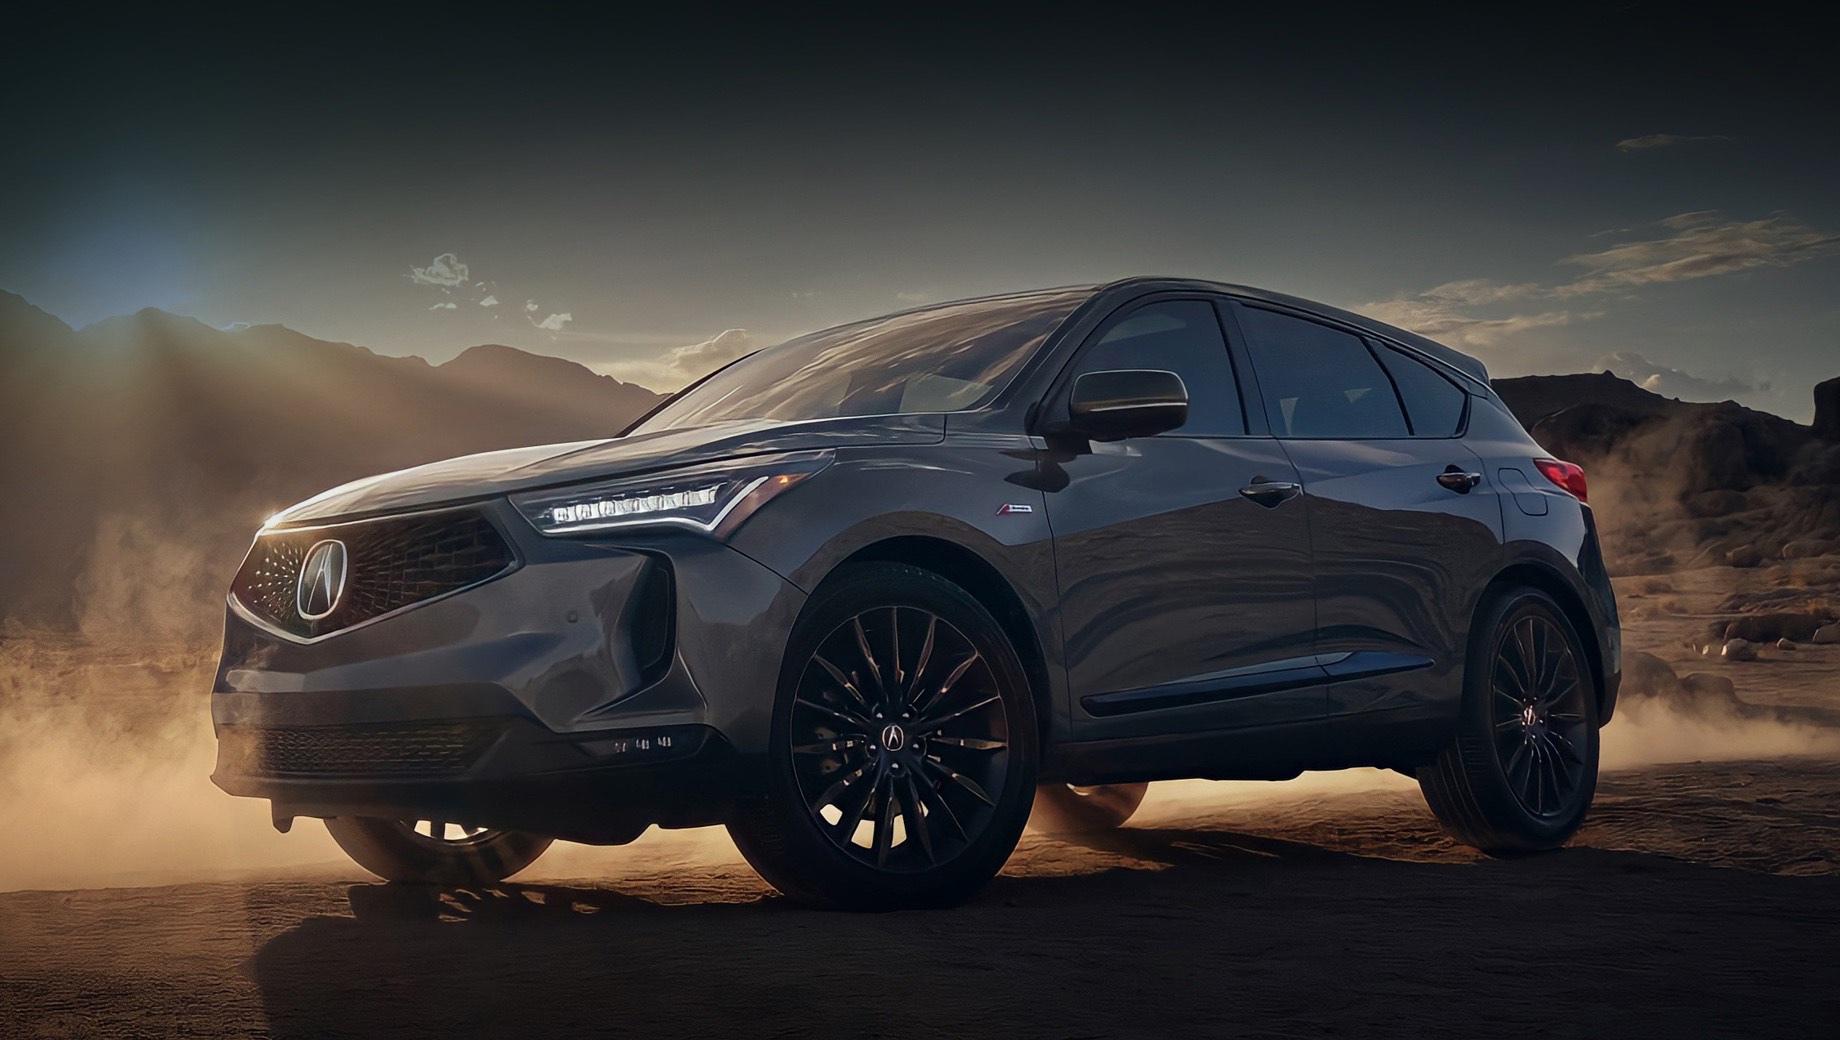 Acura rdx. Прошлый год в США кроссовер окончил с результатом 52 785 проданных автомобилей — спрос упал на 16% по сравнению с 2019-м. Лидером же в классе стала модель BMW X3. В 2020 году хозяев нашла 59 941 машина даже с учётом падения продаж на 15%.